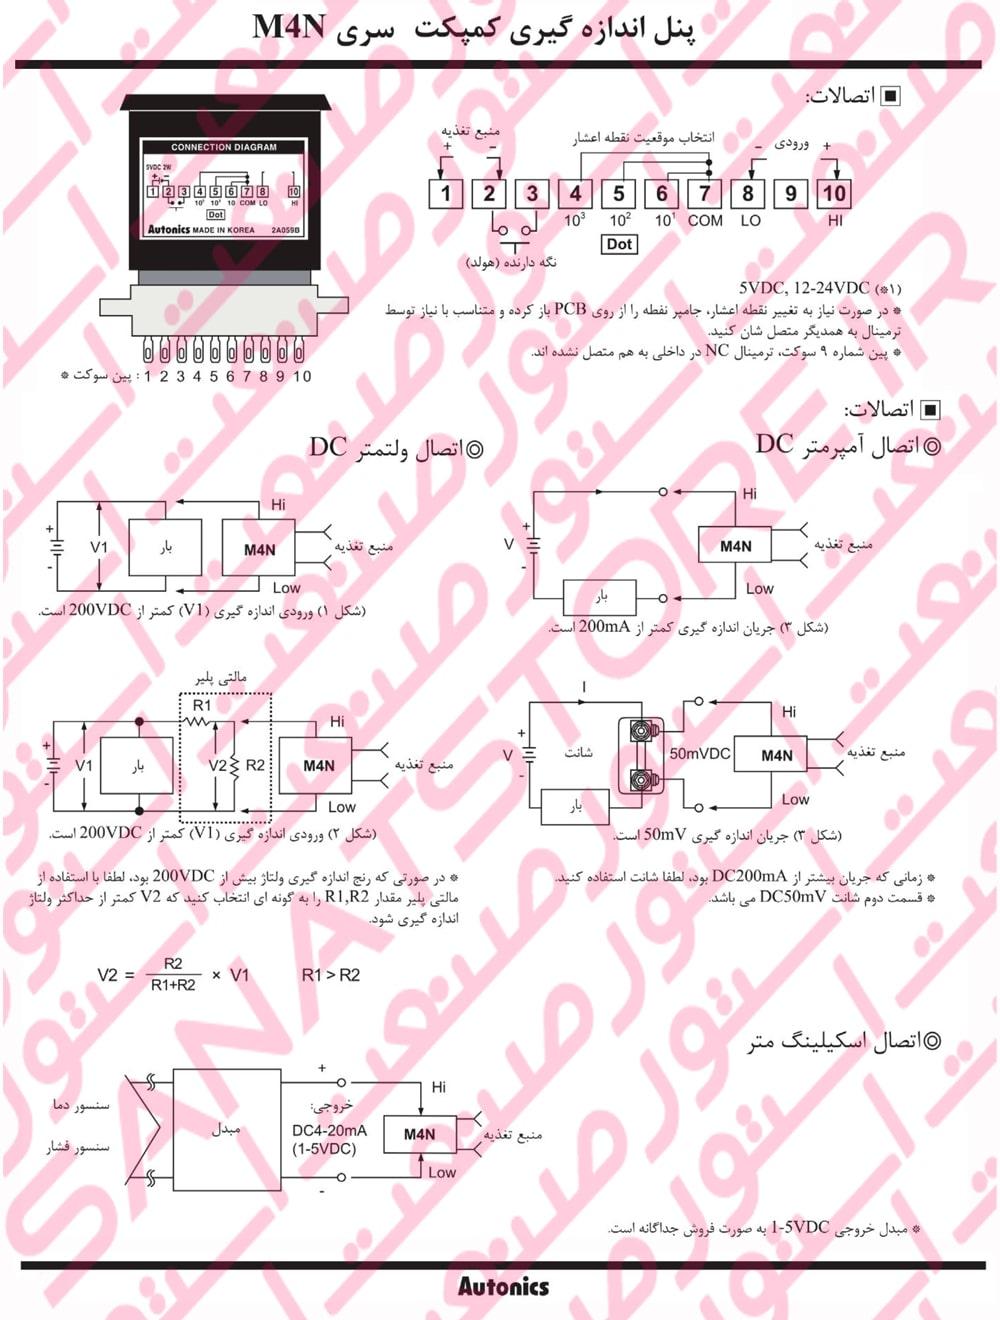 راهنمای نصب پنل میتر های دیجیتال آتونیکس Autonics سری M4N